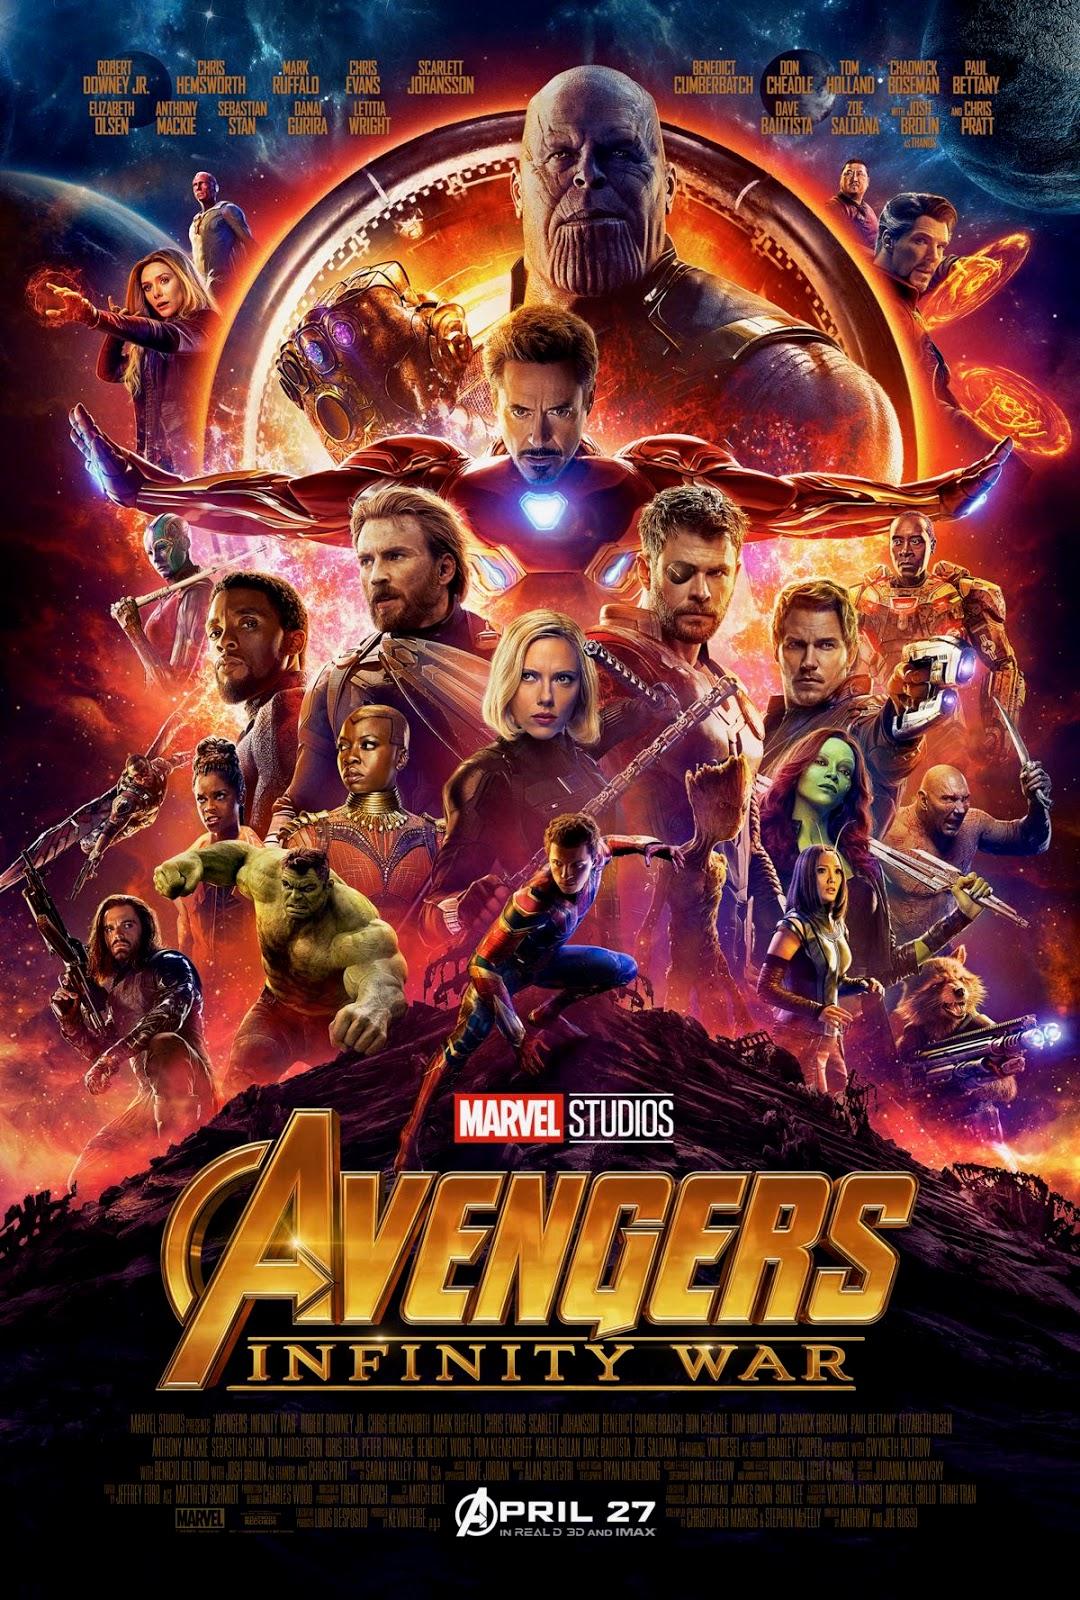 Marvel Avengers Infinity War poster